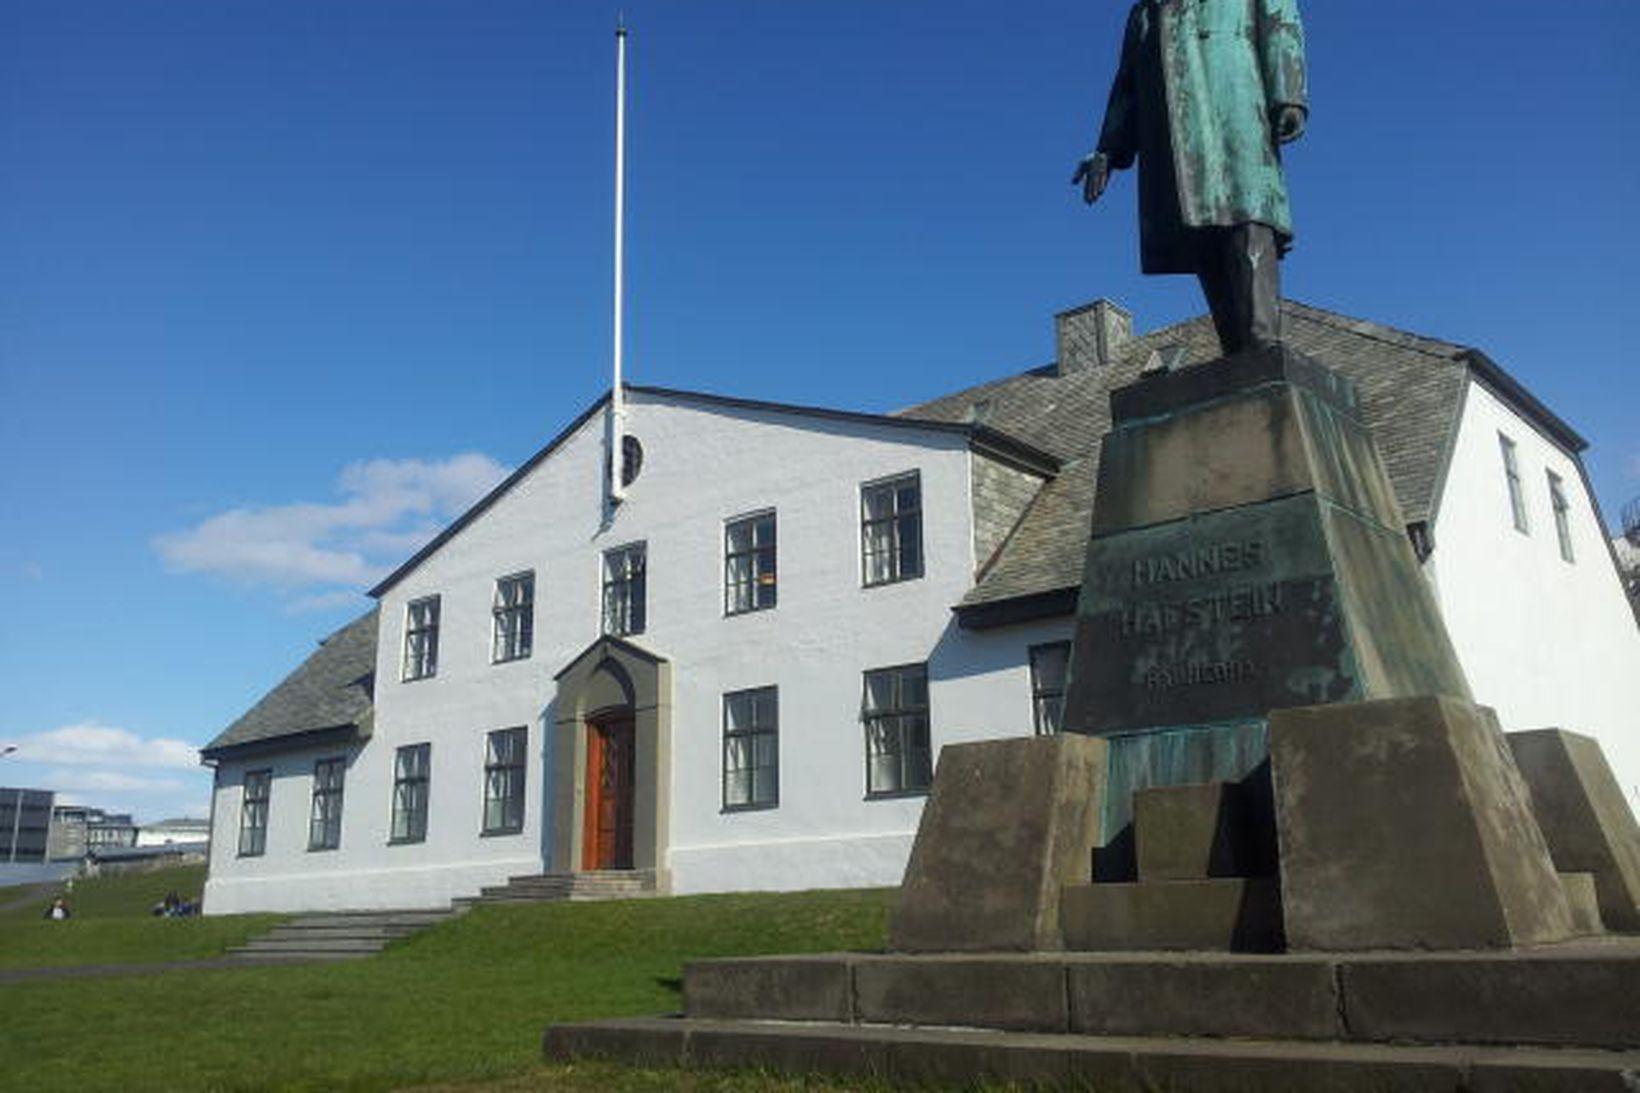 Góð afkoma skýrist að mestu af 384,3 milljarða króna stöðugleikaframlagi …